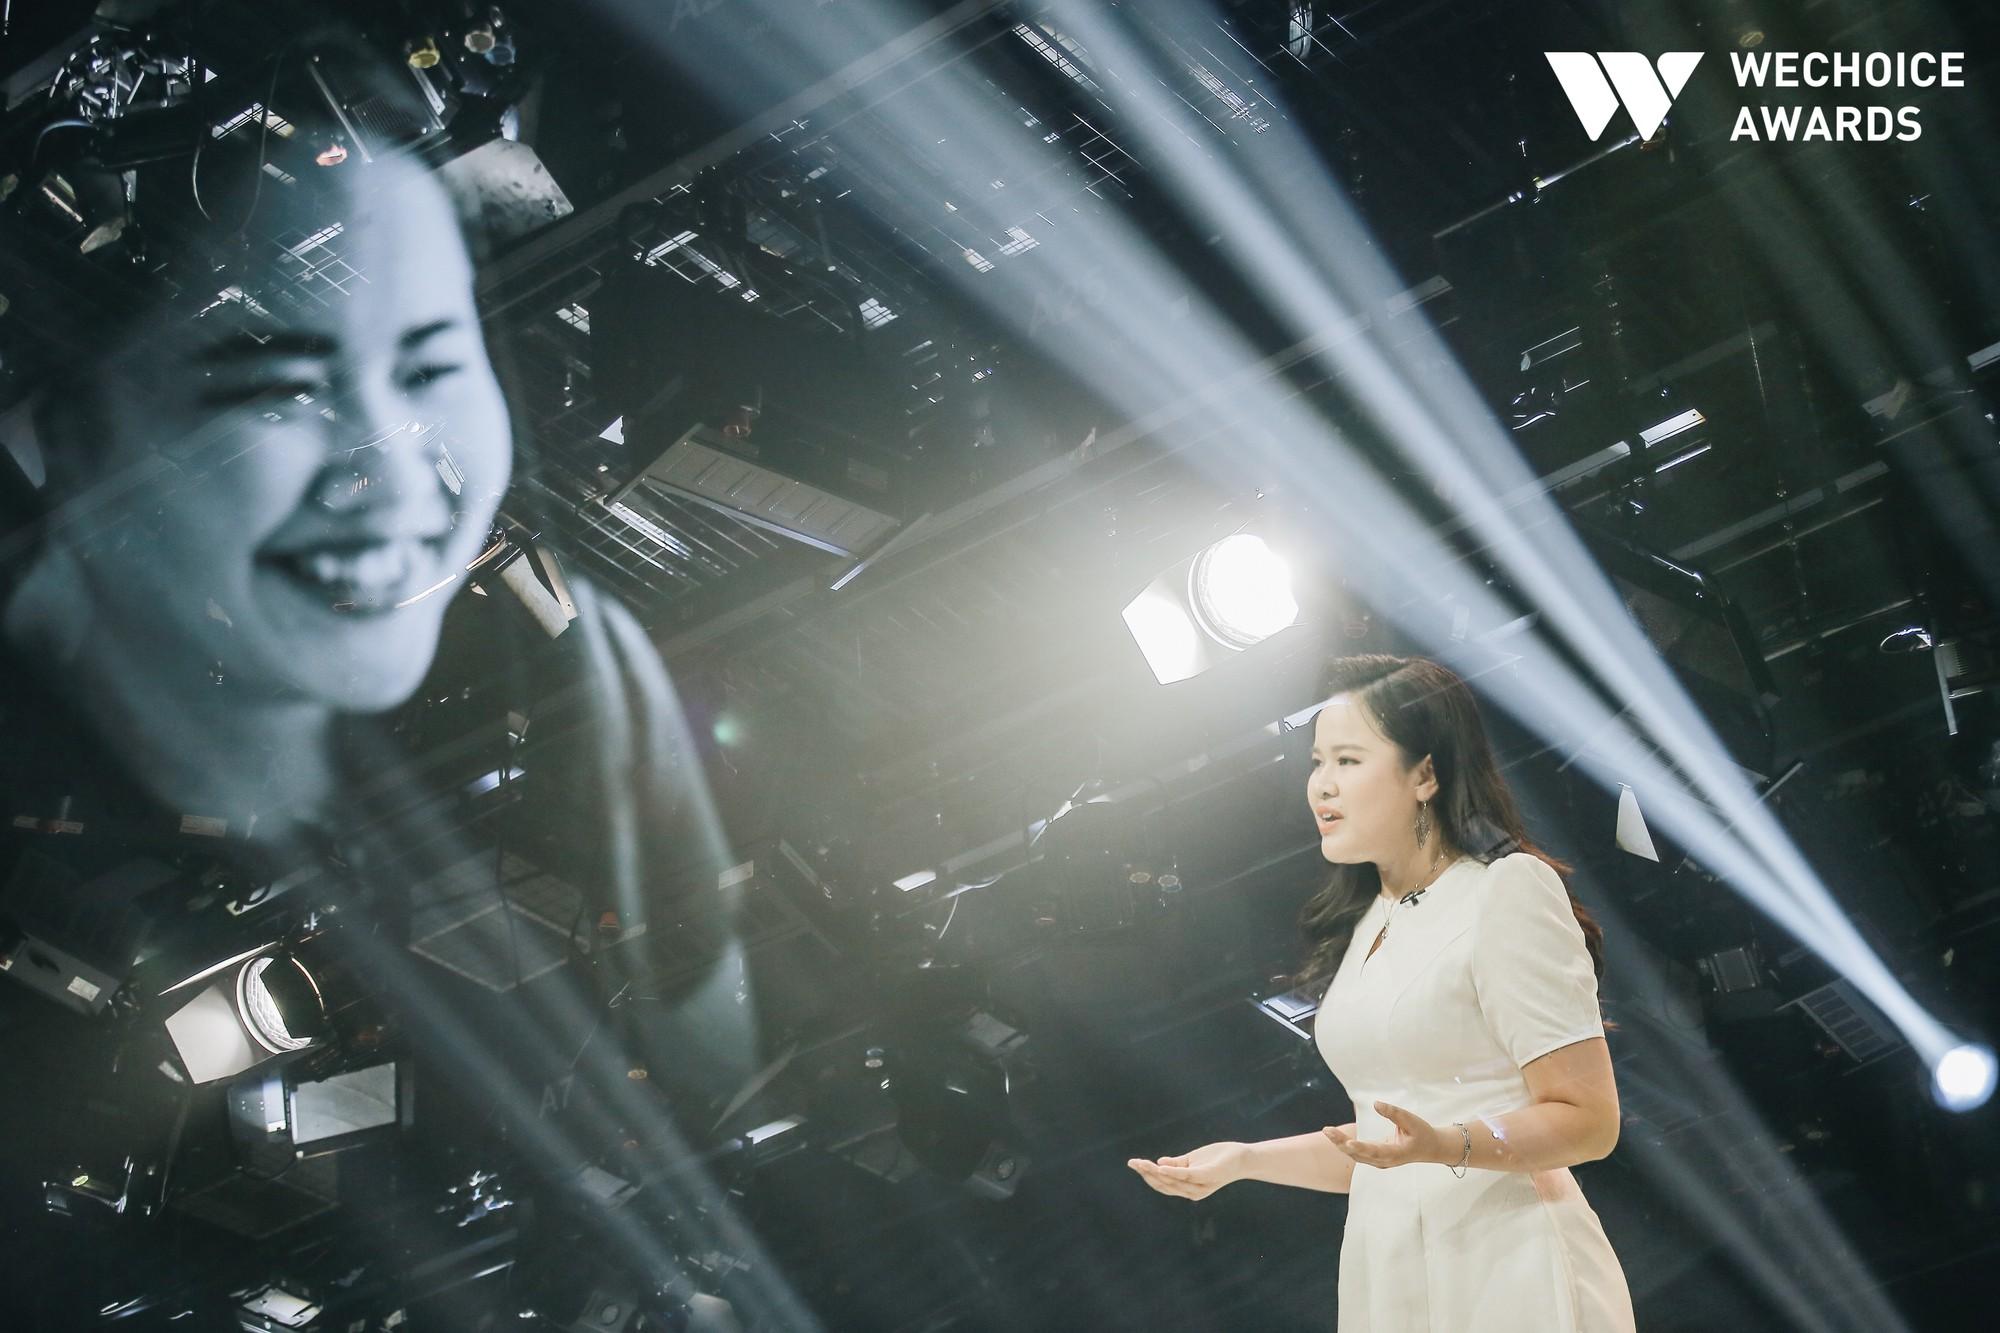 Nữ MC khiếm thị dẫn bản tin trực tiếp trên VTV3 và những chuyện chưa kể: Mình cứ thử rồi sai, rồi lại thử cho đến khi nào đúng - Ảnh 4.